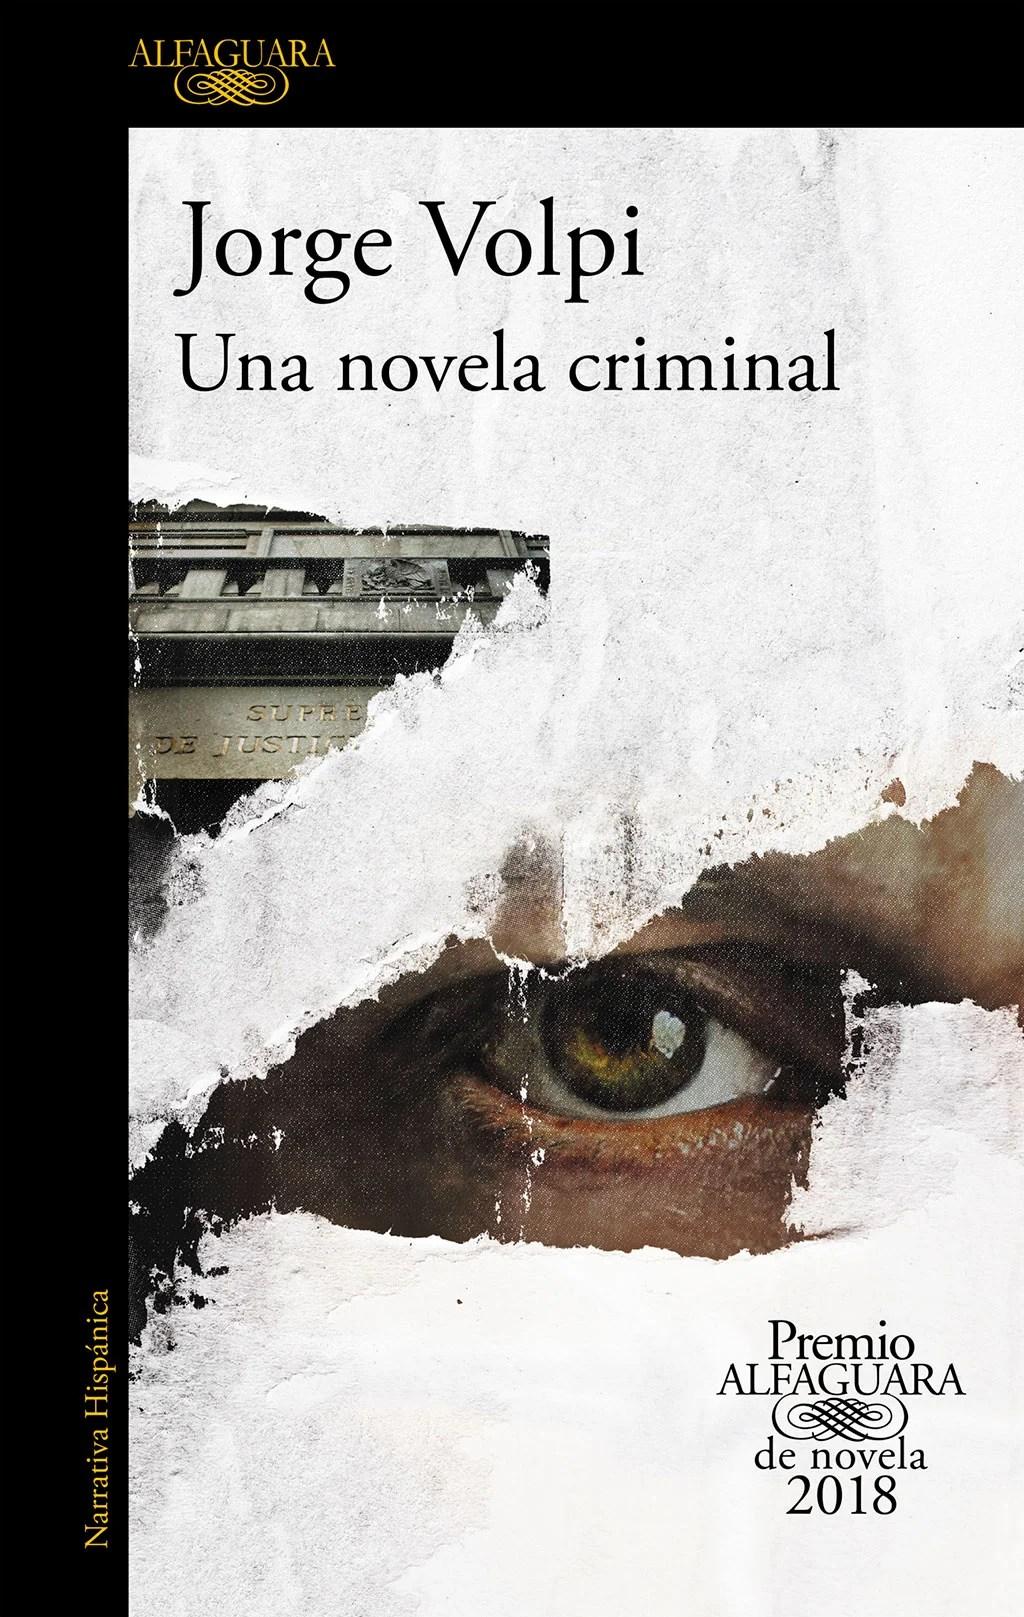 Jorge Volpi. Una novela criminal.